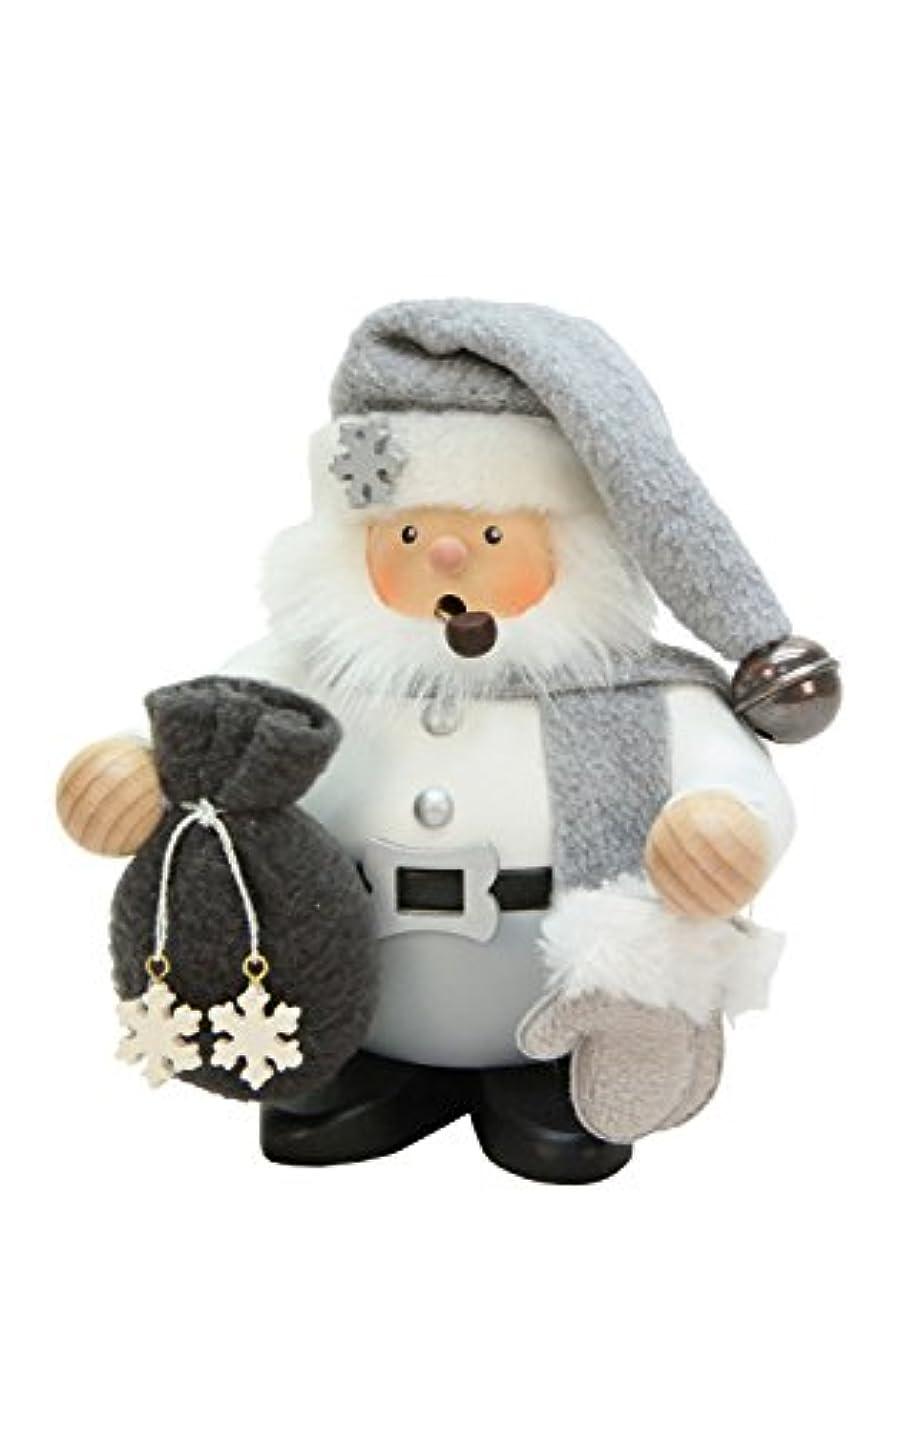 展示会天窓難民Alexander Taron 1-472 Christian Ulbricht Incense Burner - Santa Claus with Grey & White Outfit